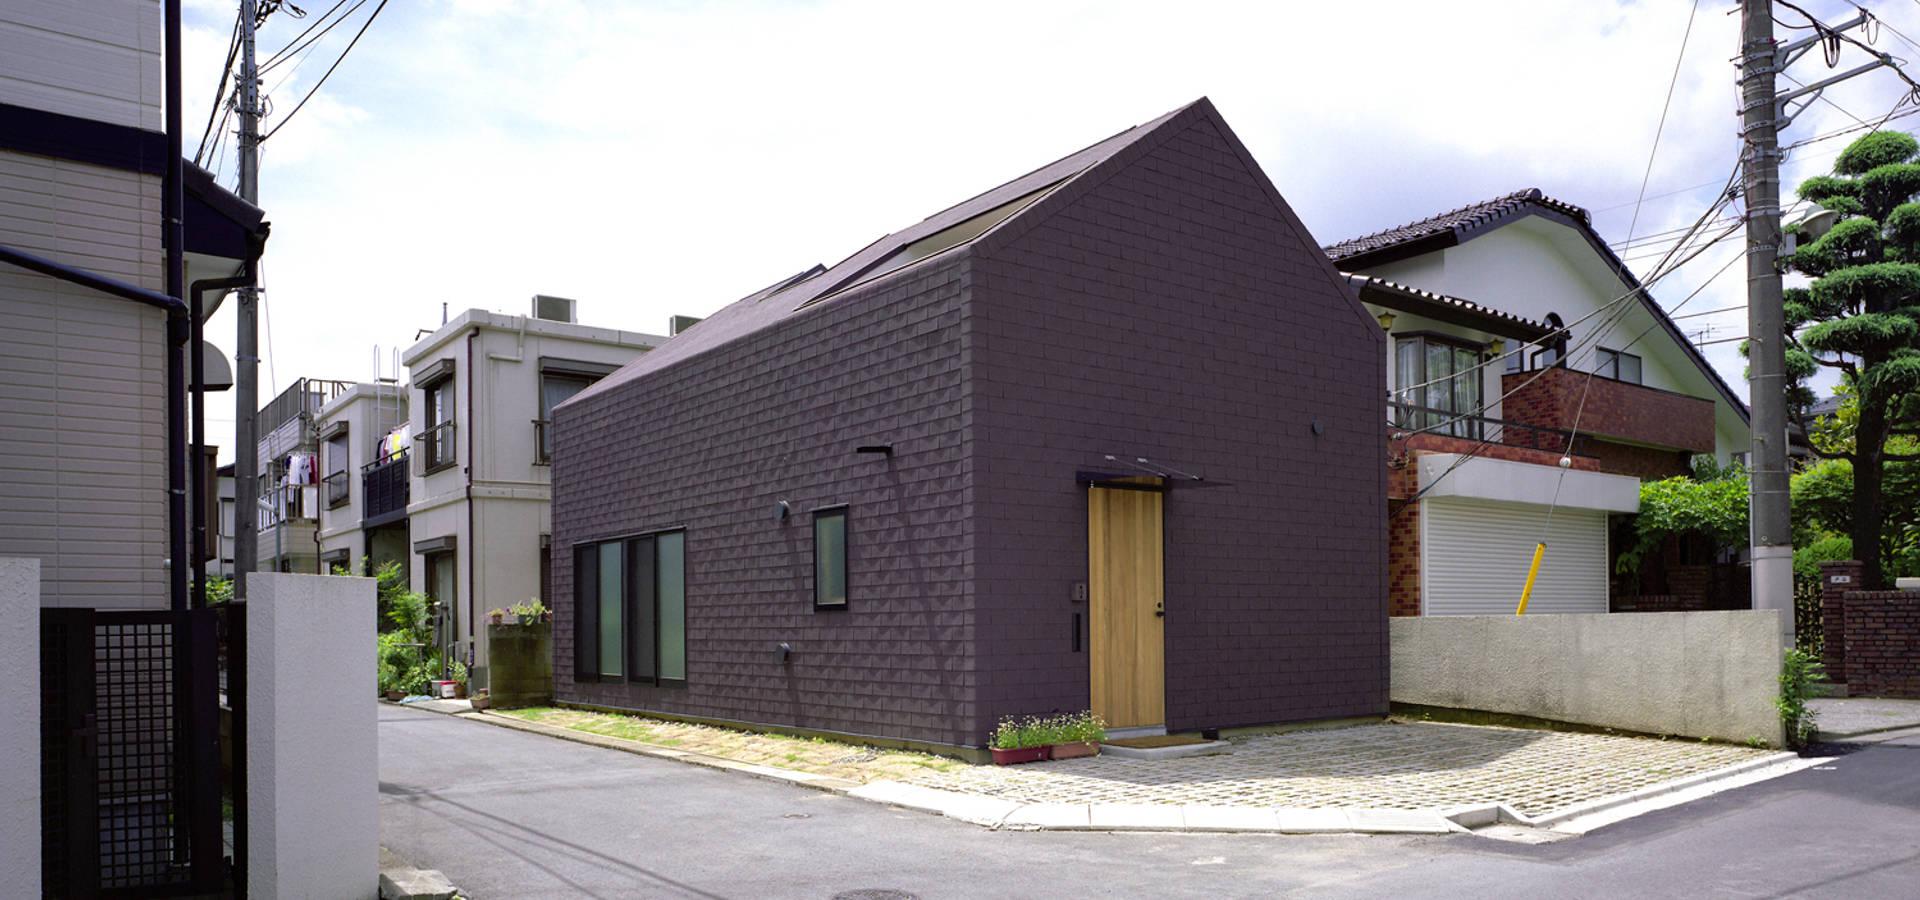 シミズアトリエ 一級建築士事務所